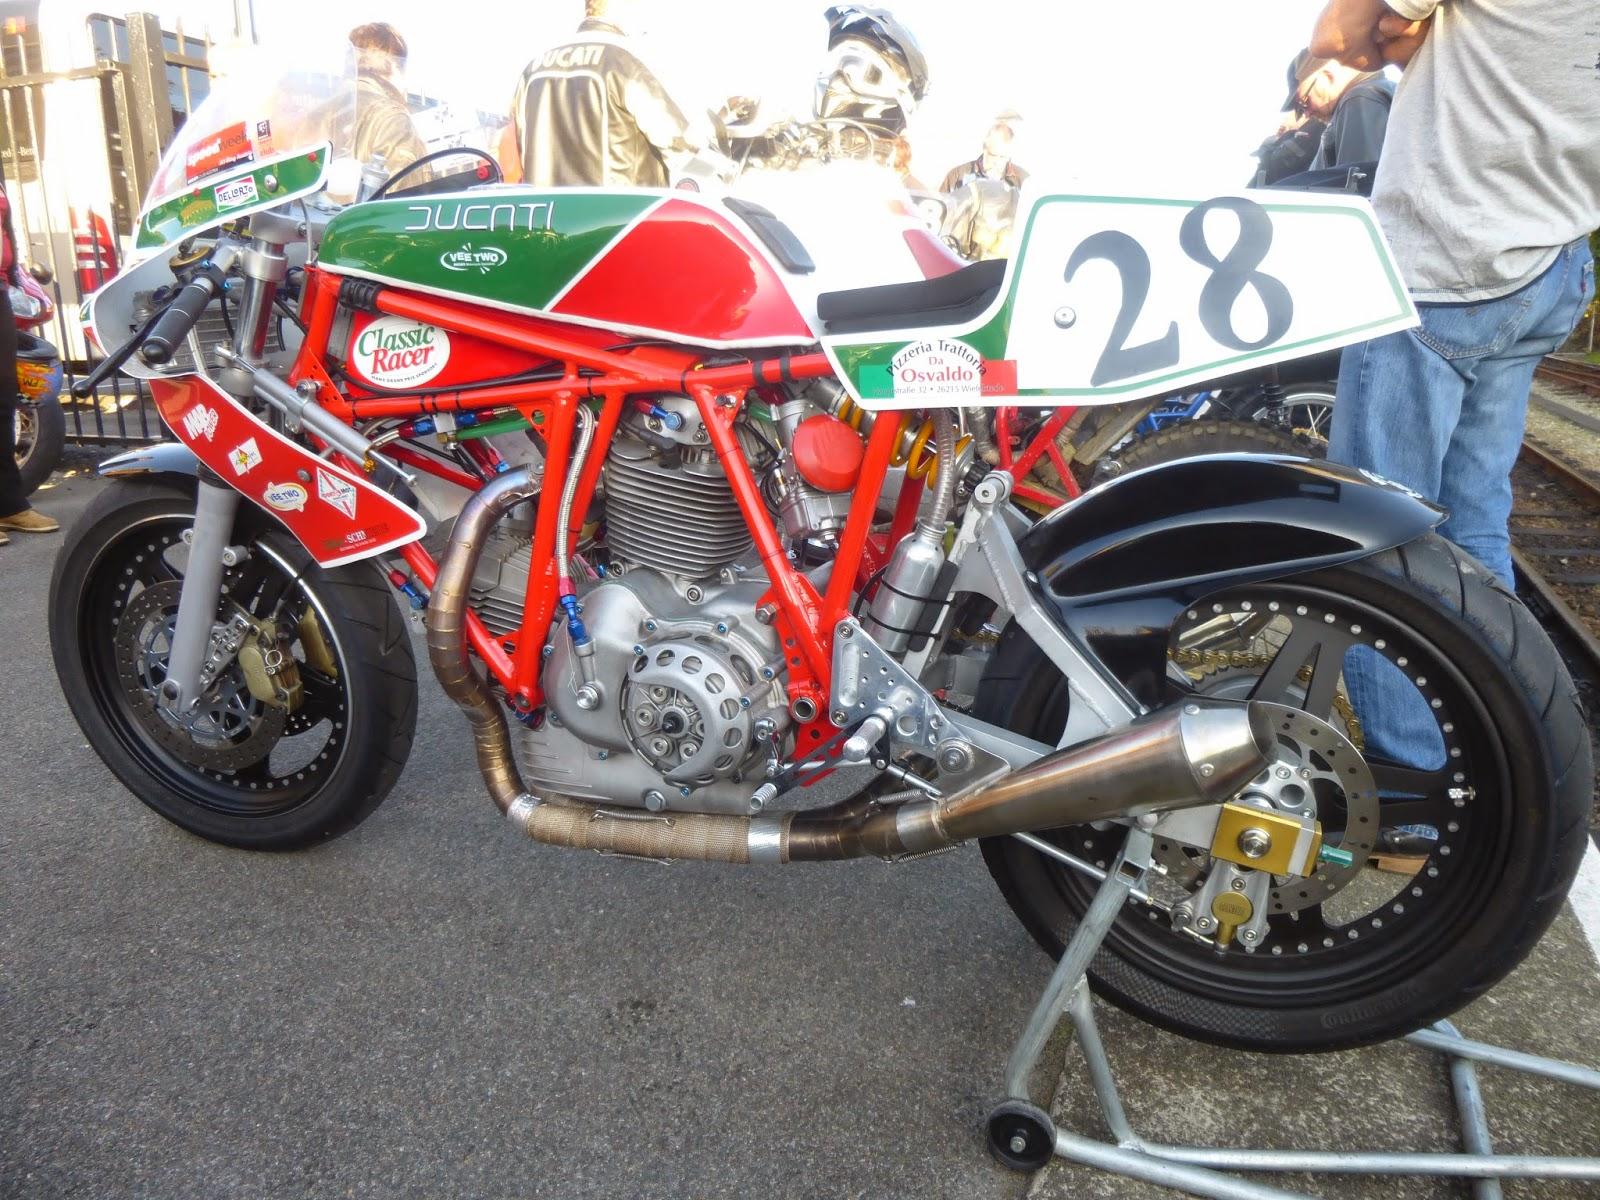 Ducati Deux soupapes - Page 11 P1010467